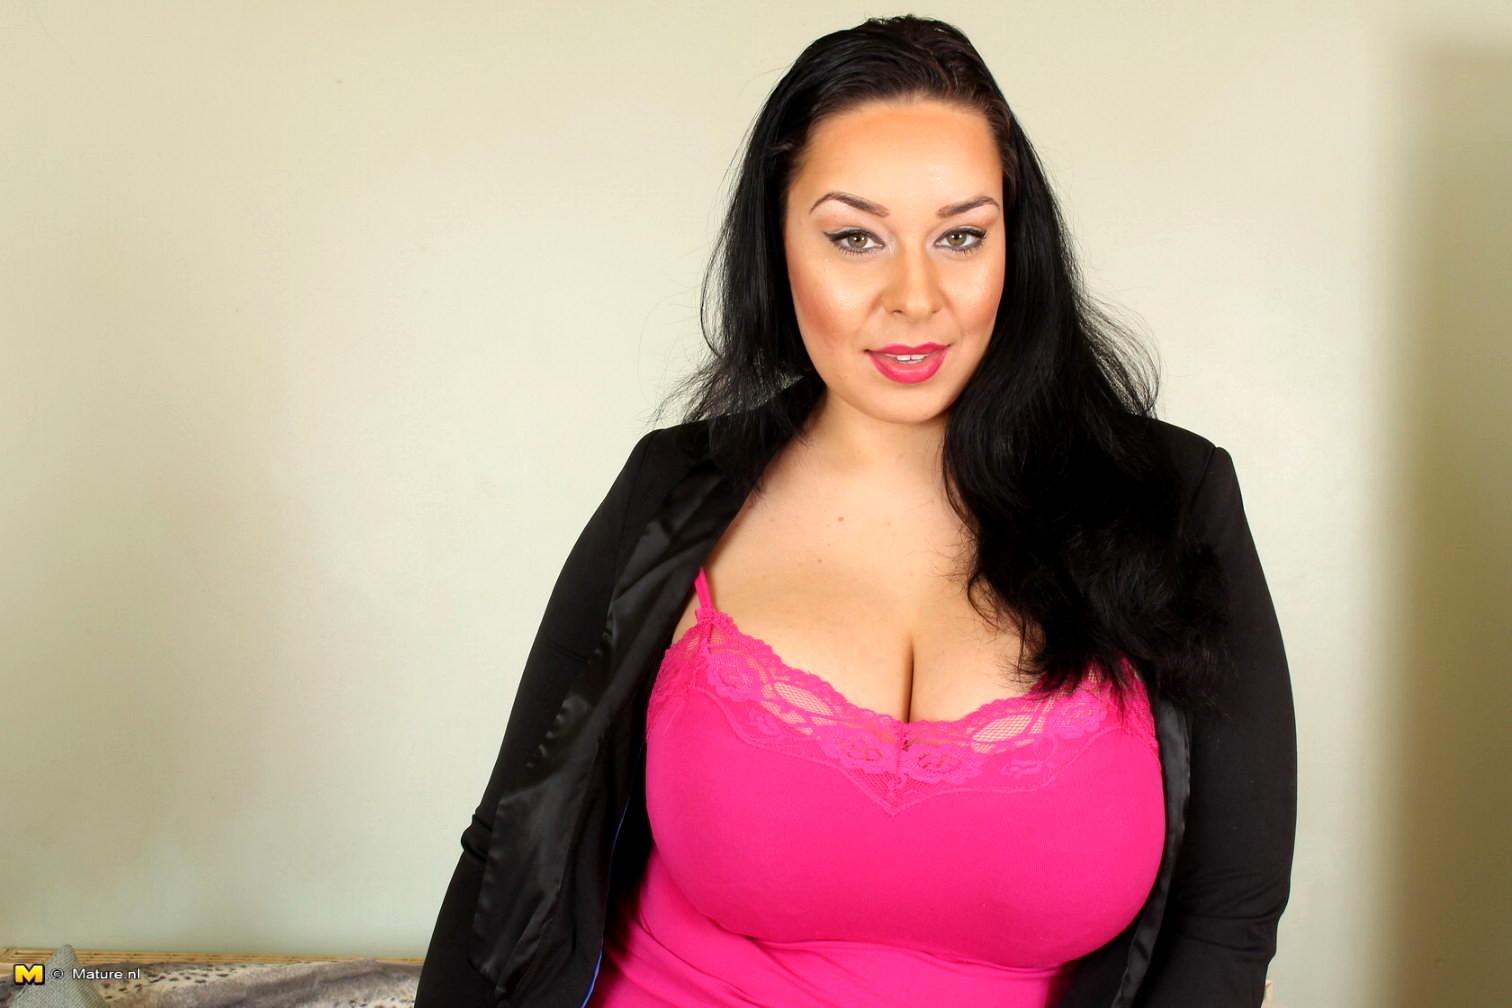 Mature Nl Anastasia Lux High Res Mature Pornographics Sex